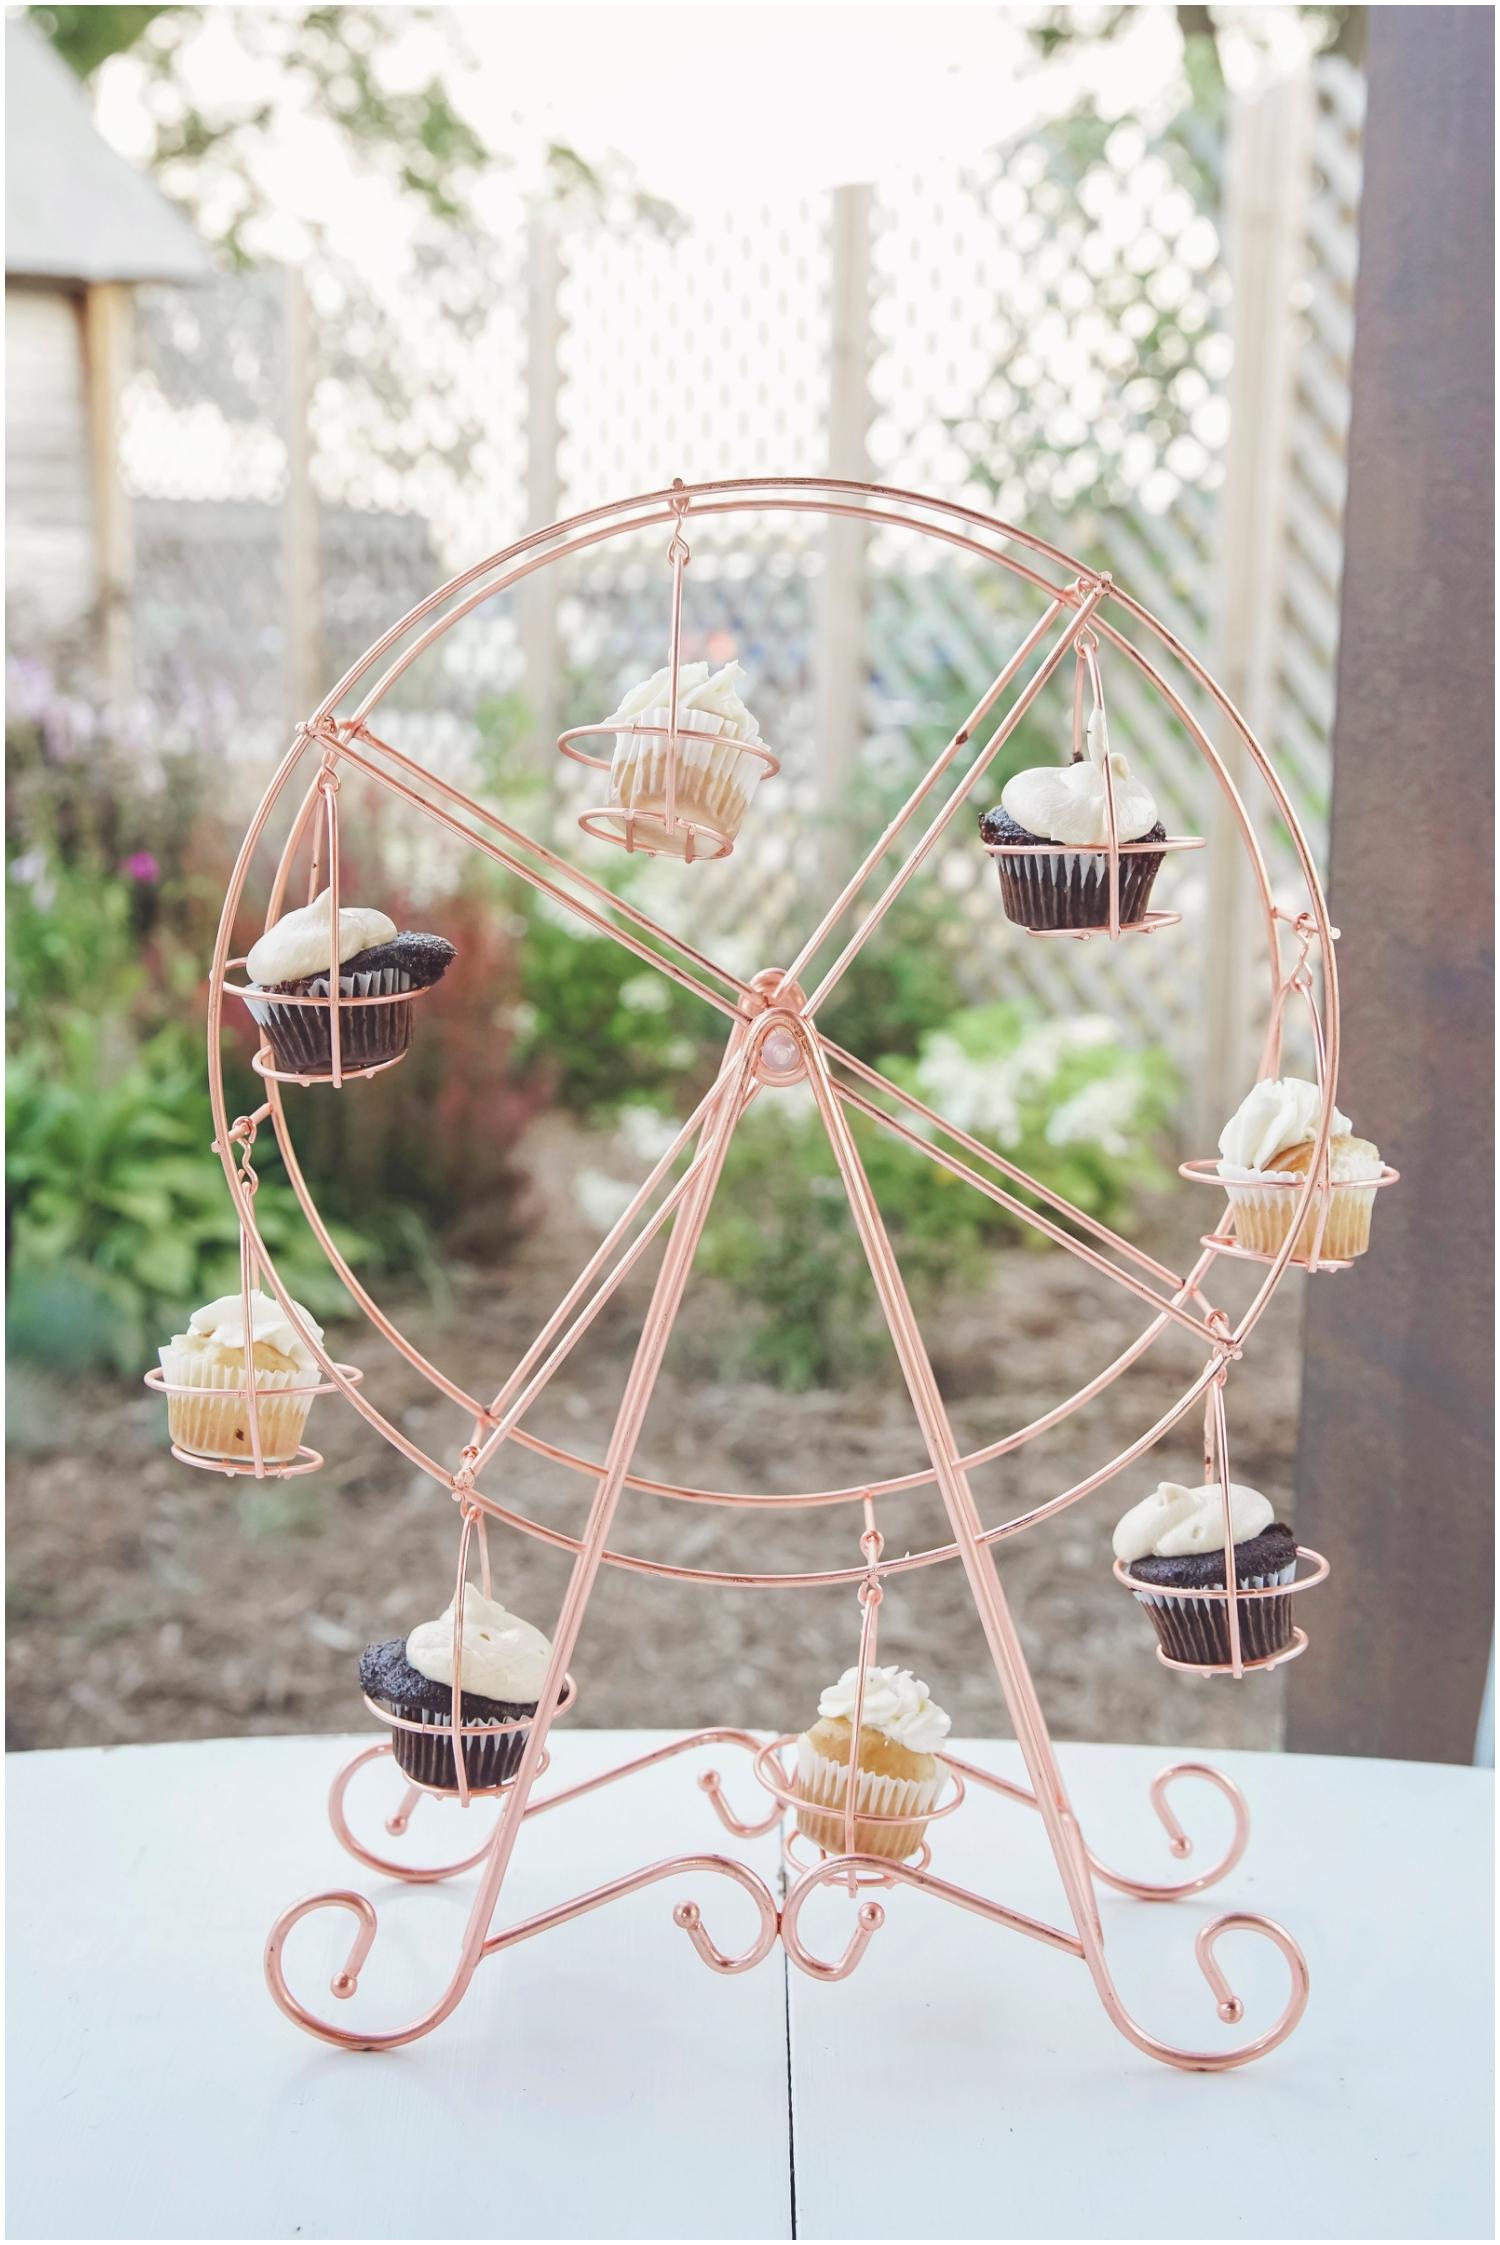 Unique dessert cupcake display